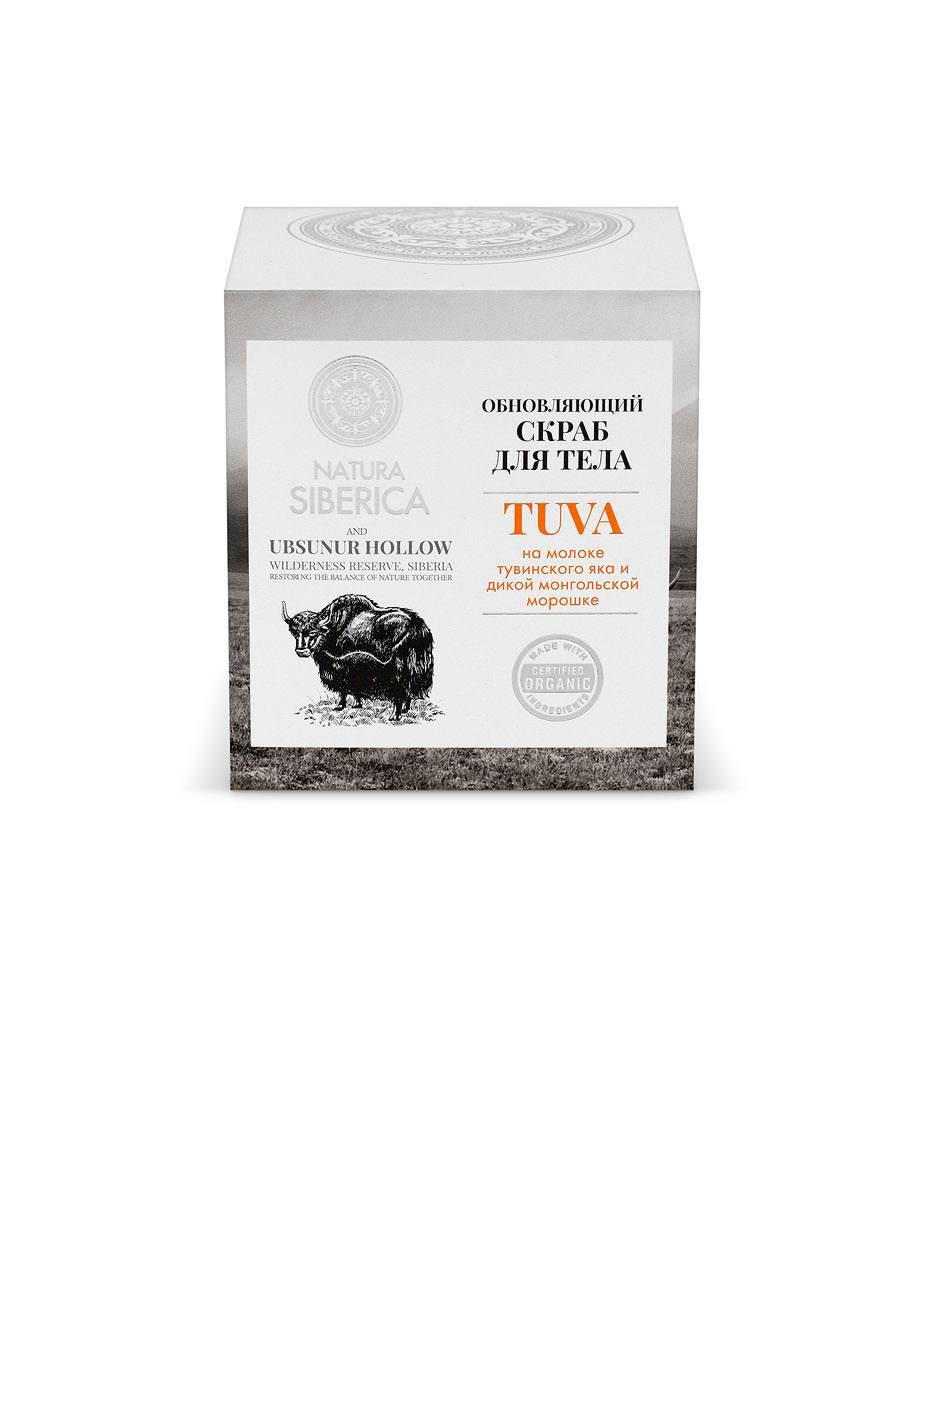 Купить Natura Siberica Tuva Скраб для тела обновляющий, 370 мл (shop: Organic-shops Organic shops)